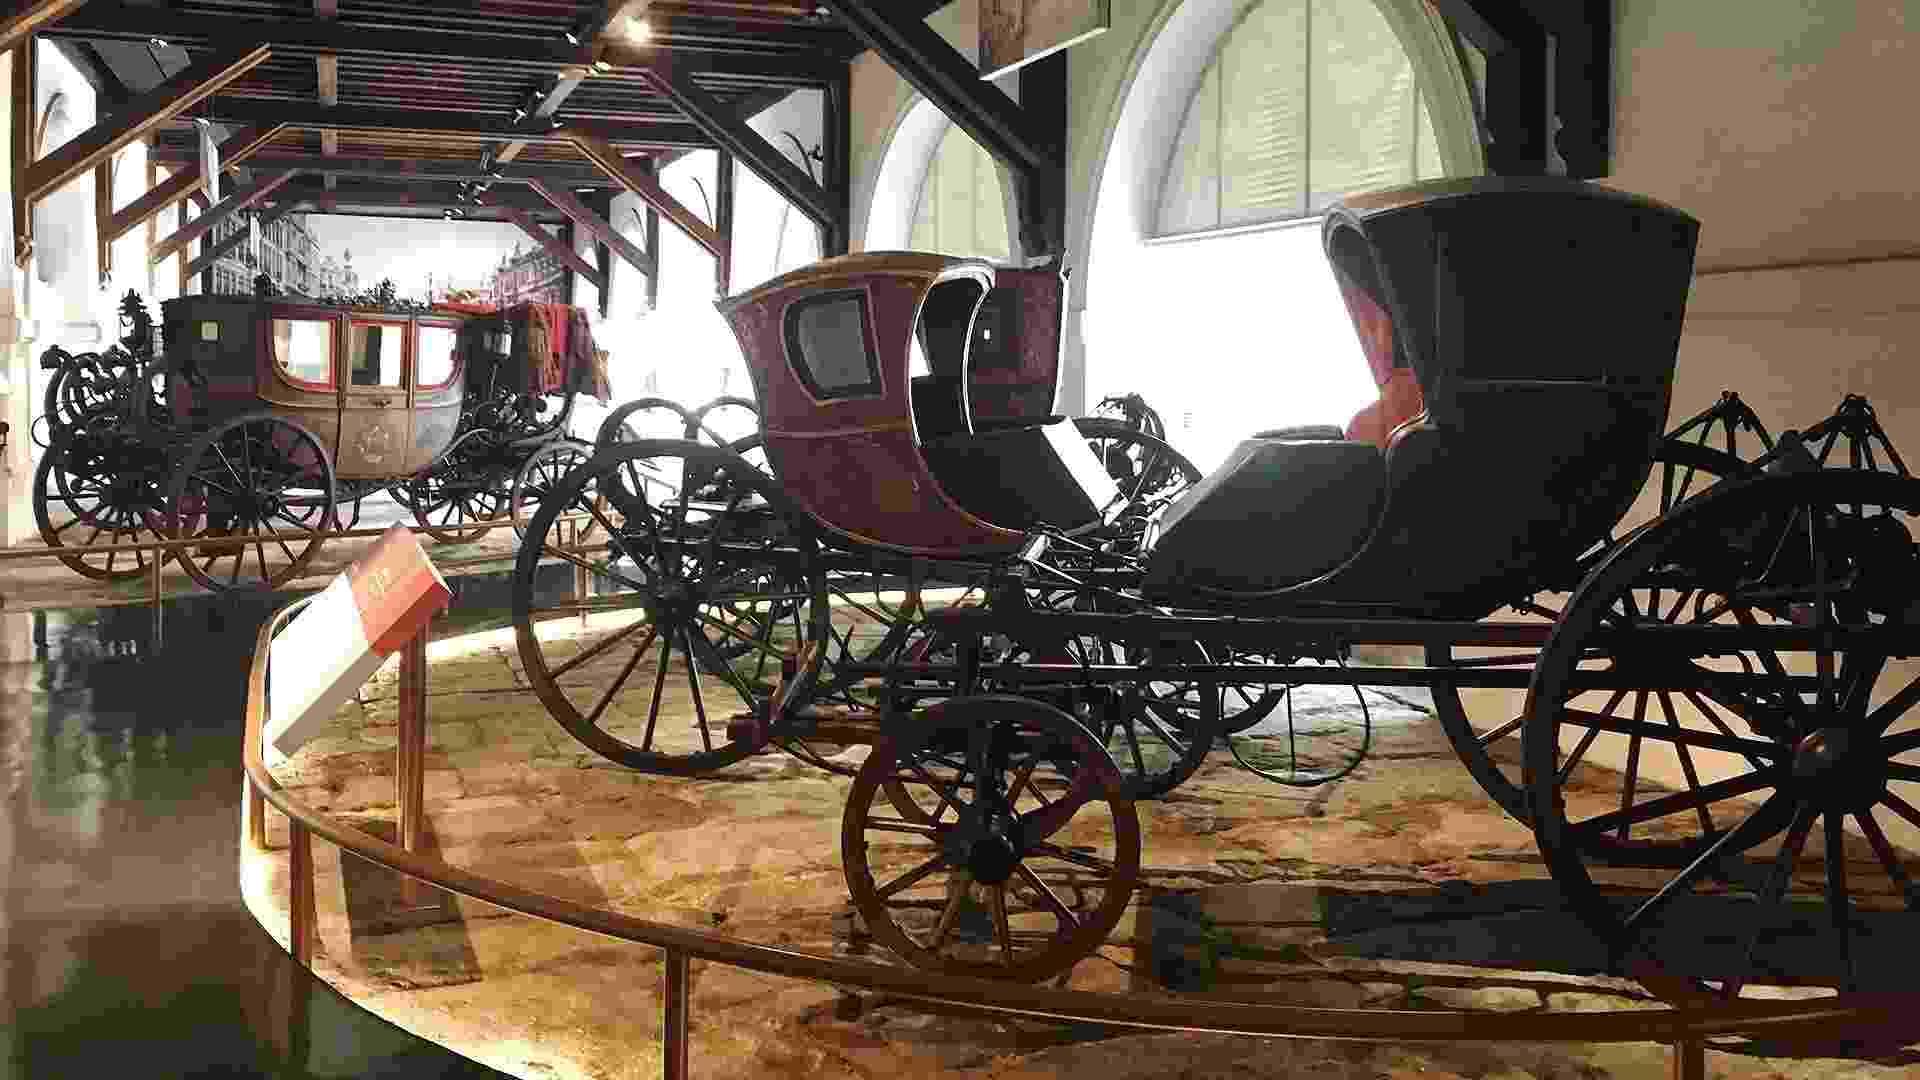 """Exposição """"Do Móvel ao Automóvel"""" no Museu Histórico Nacional, no RJ - Karina Craveiro/UOL"""